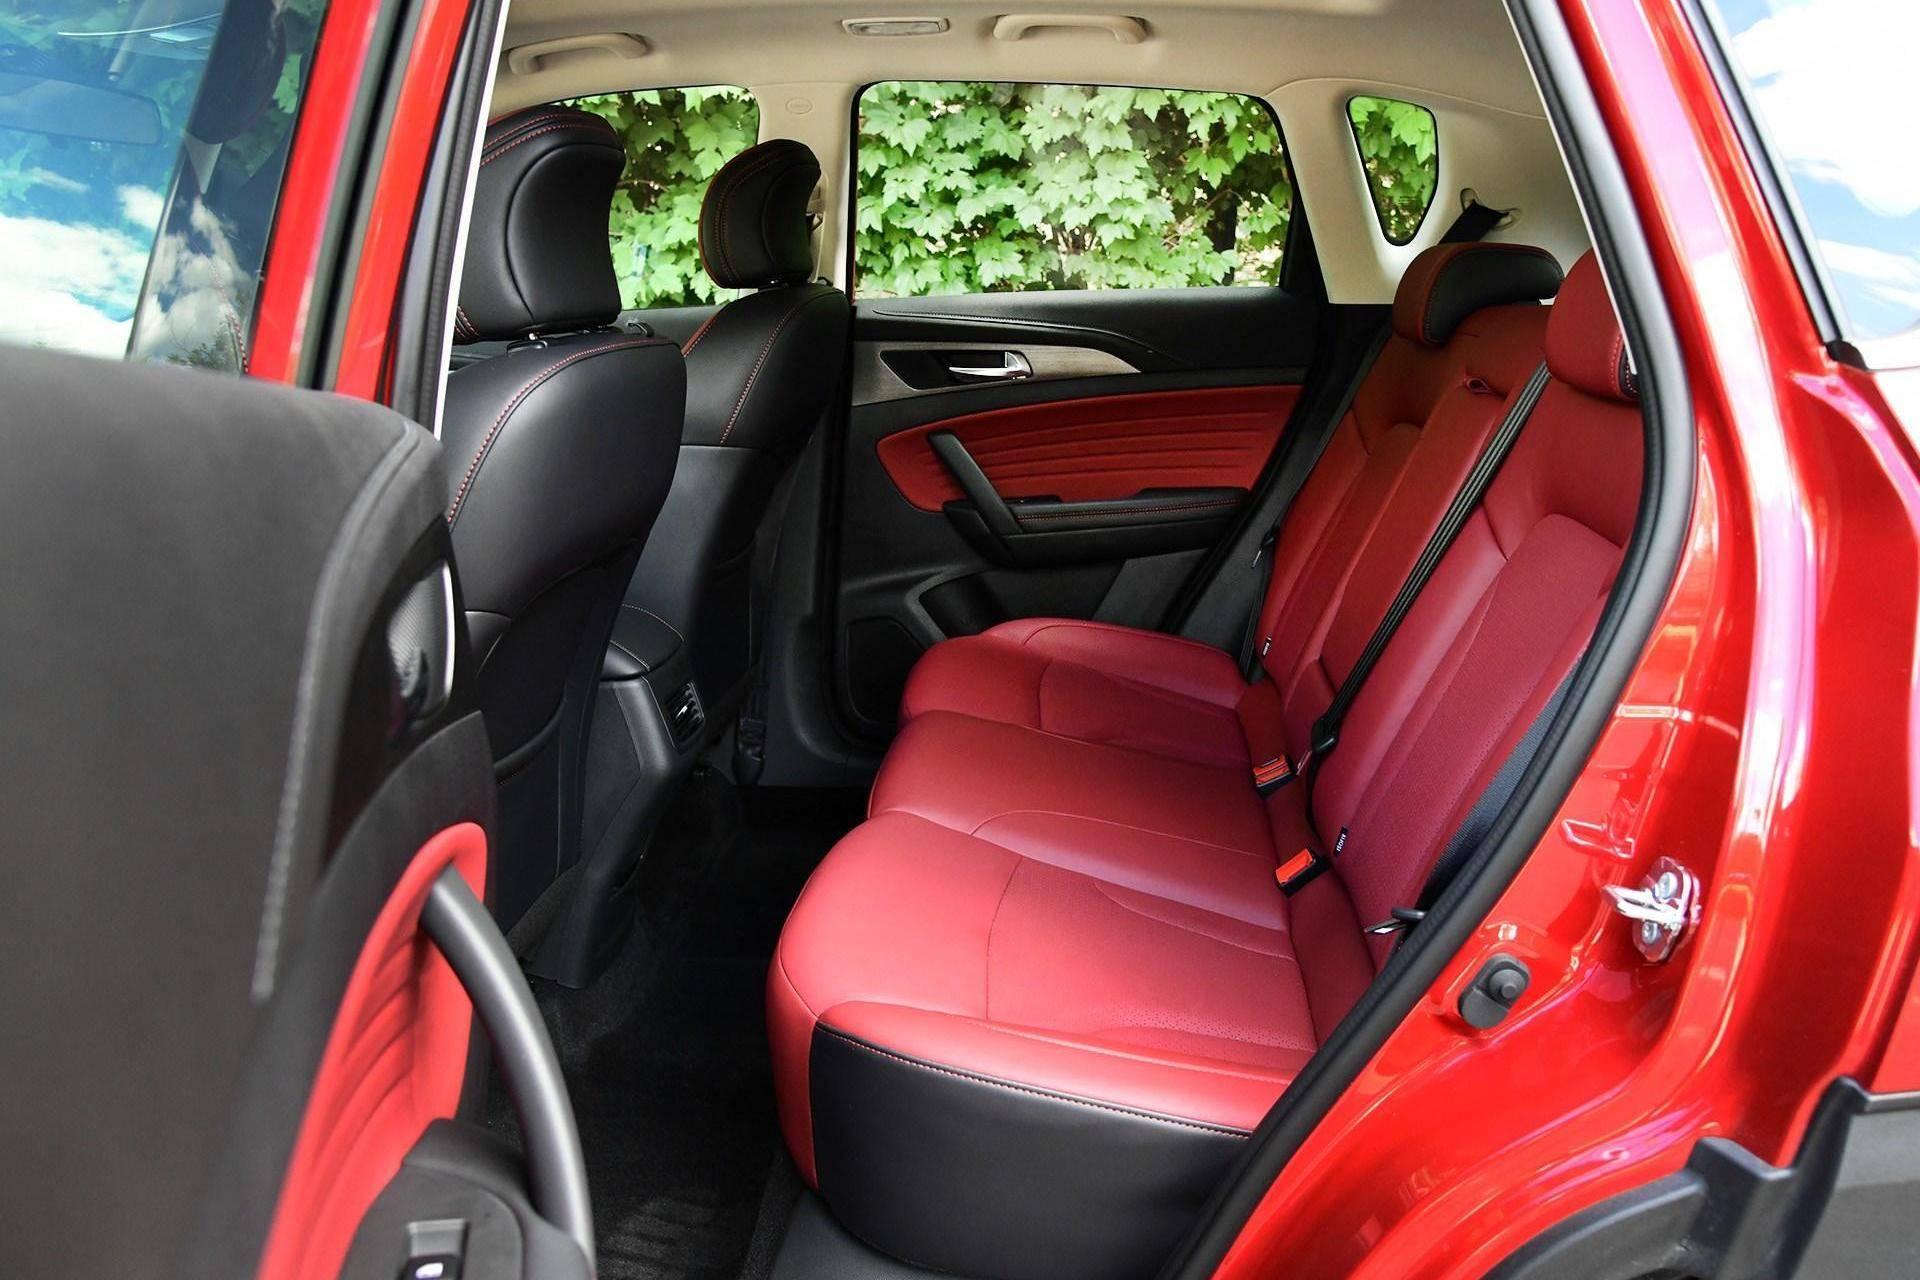 最接近宝骏的小型SUV,德系般高颜值,9万级1.4T入门就是高配